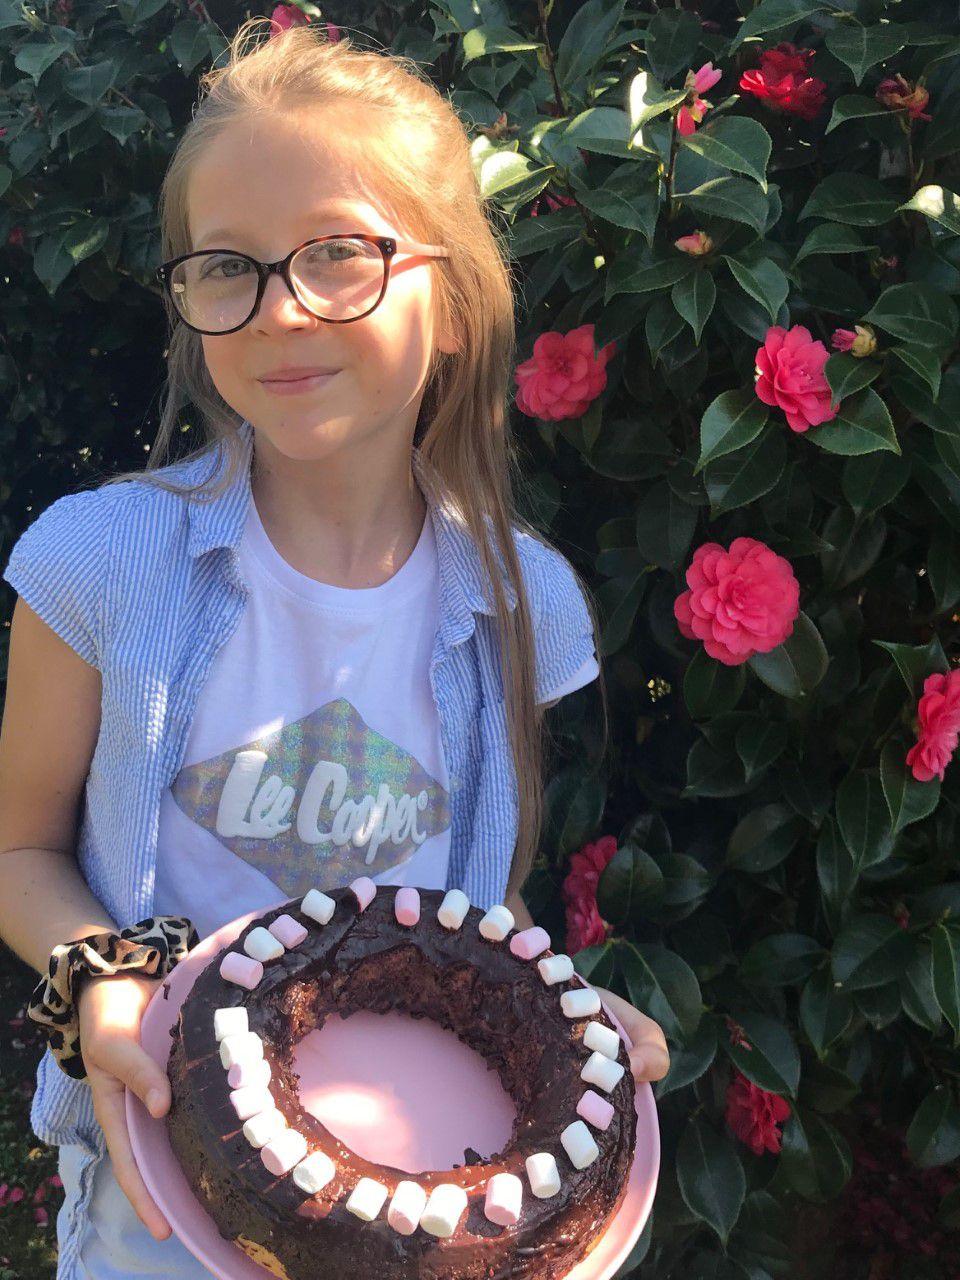 Elle a fait un gâteau toute seule ( gâteau yaourt, nappage au chocolat)